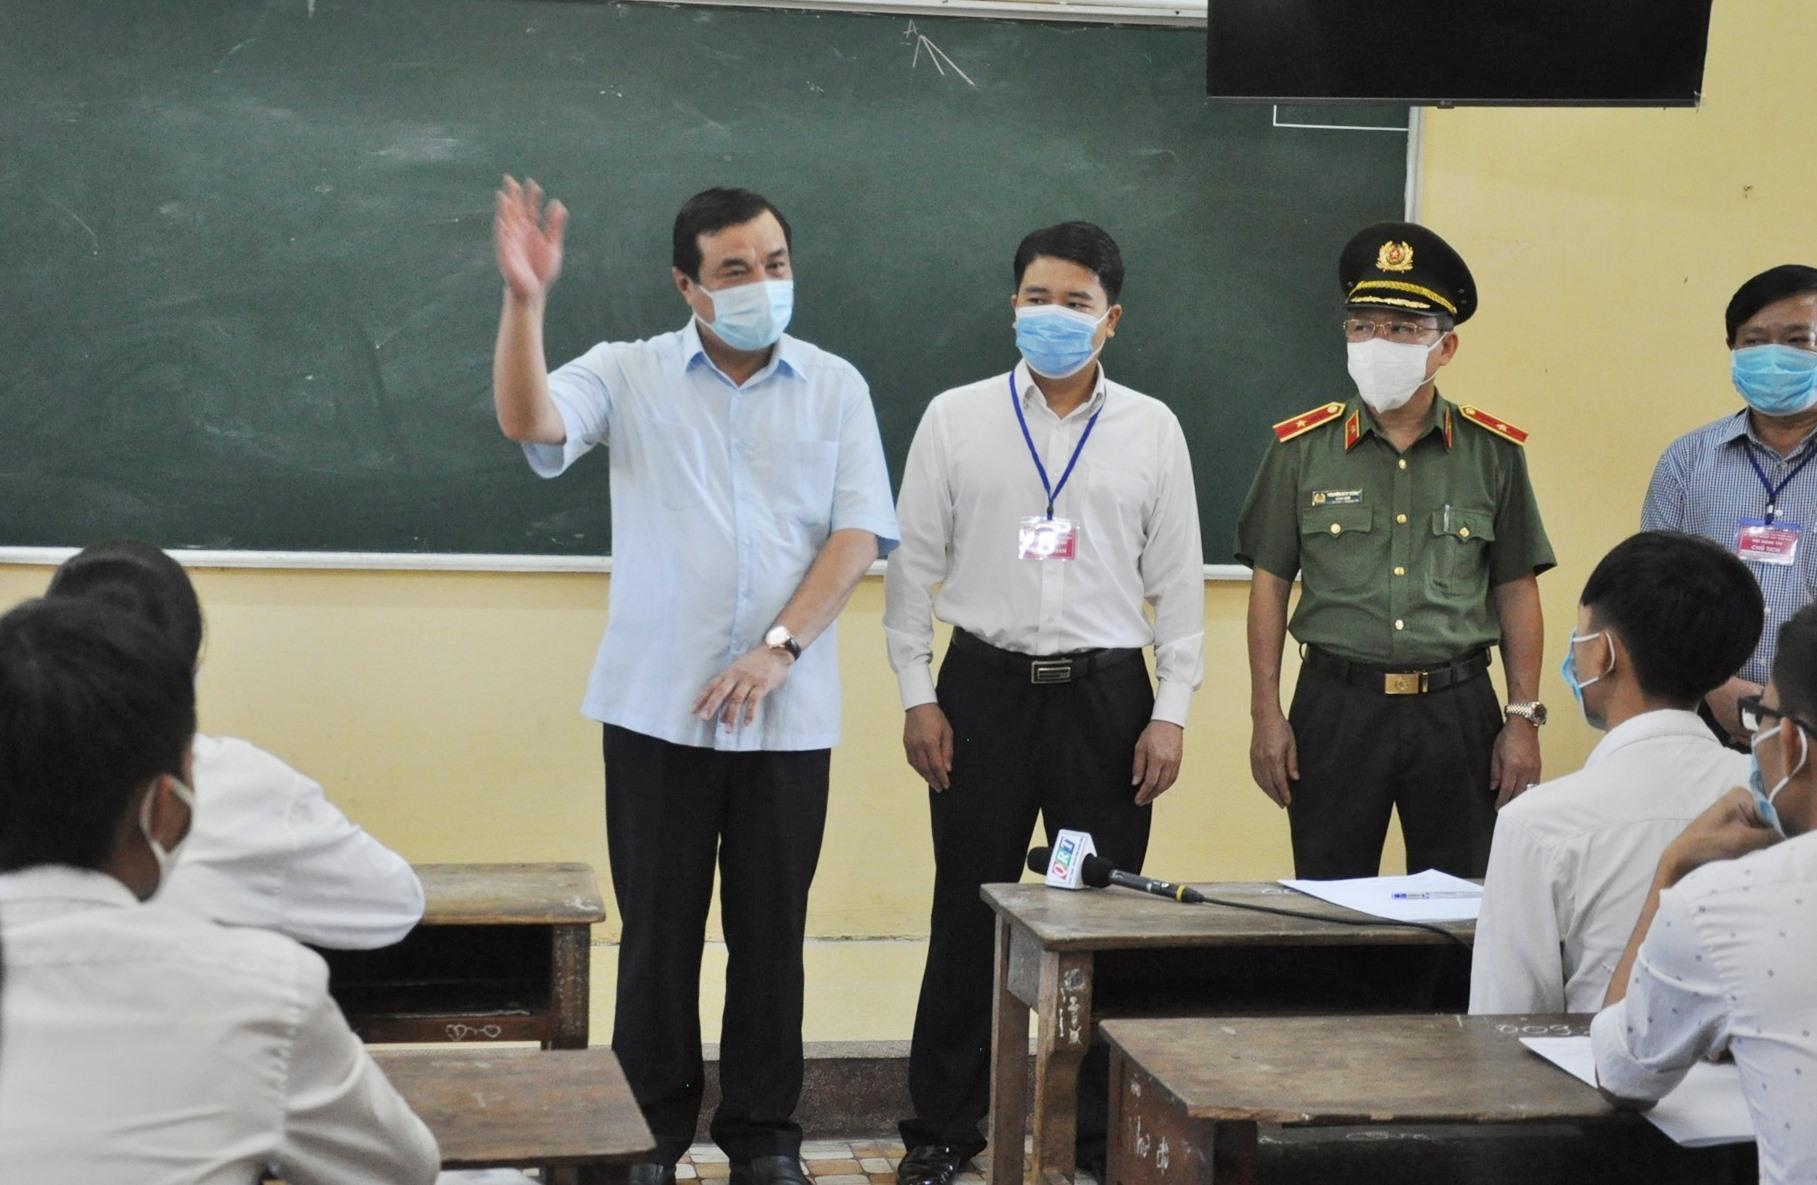 Bí thư Tỉnh ủy Phan Việt Cường dặn dò và chúc các em TS thi đạt kết quả tốt. Ảnh: X.P